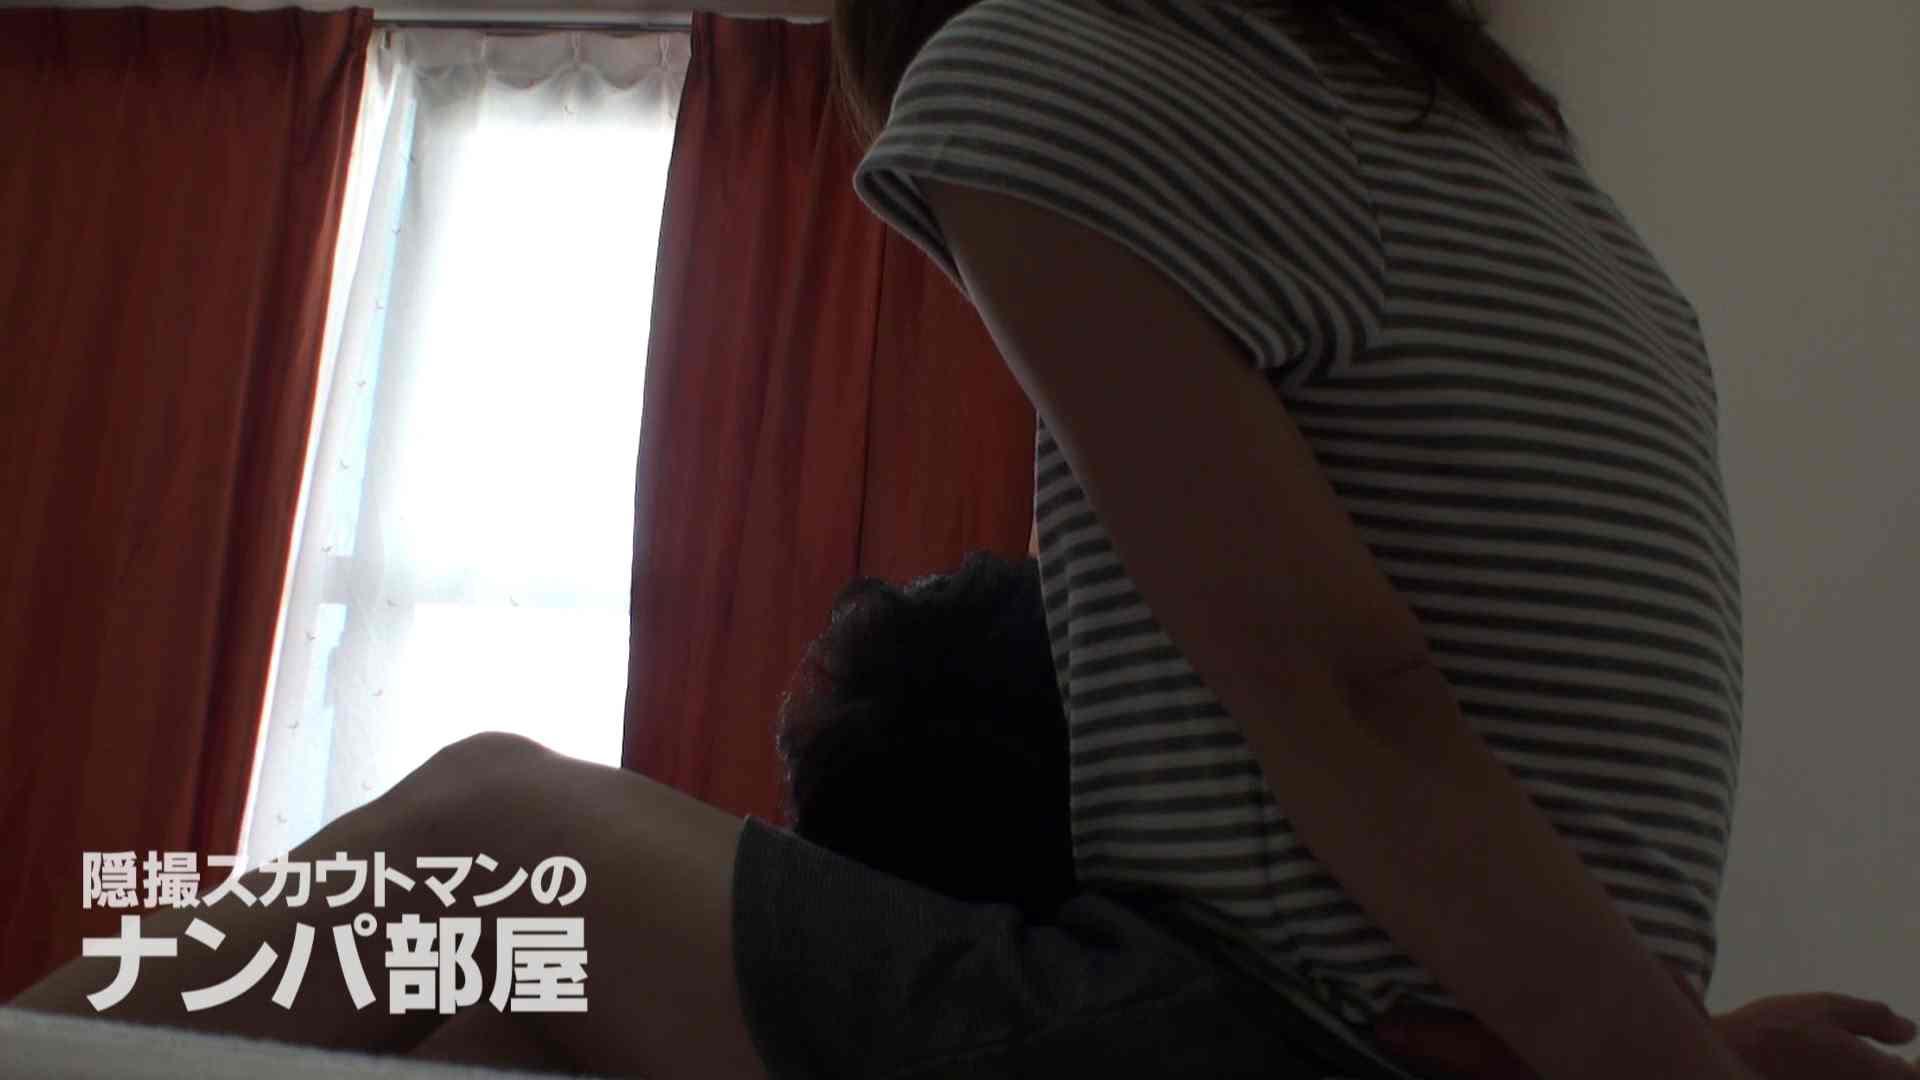 おまんこ丸見え|隠撮スカウトマンのナンパ部屋~風俗デビュー前のつまみ食い~ siivol.3|大奥